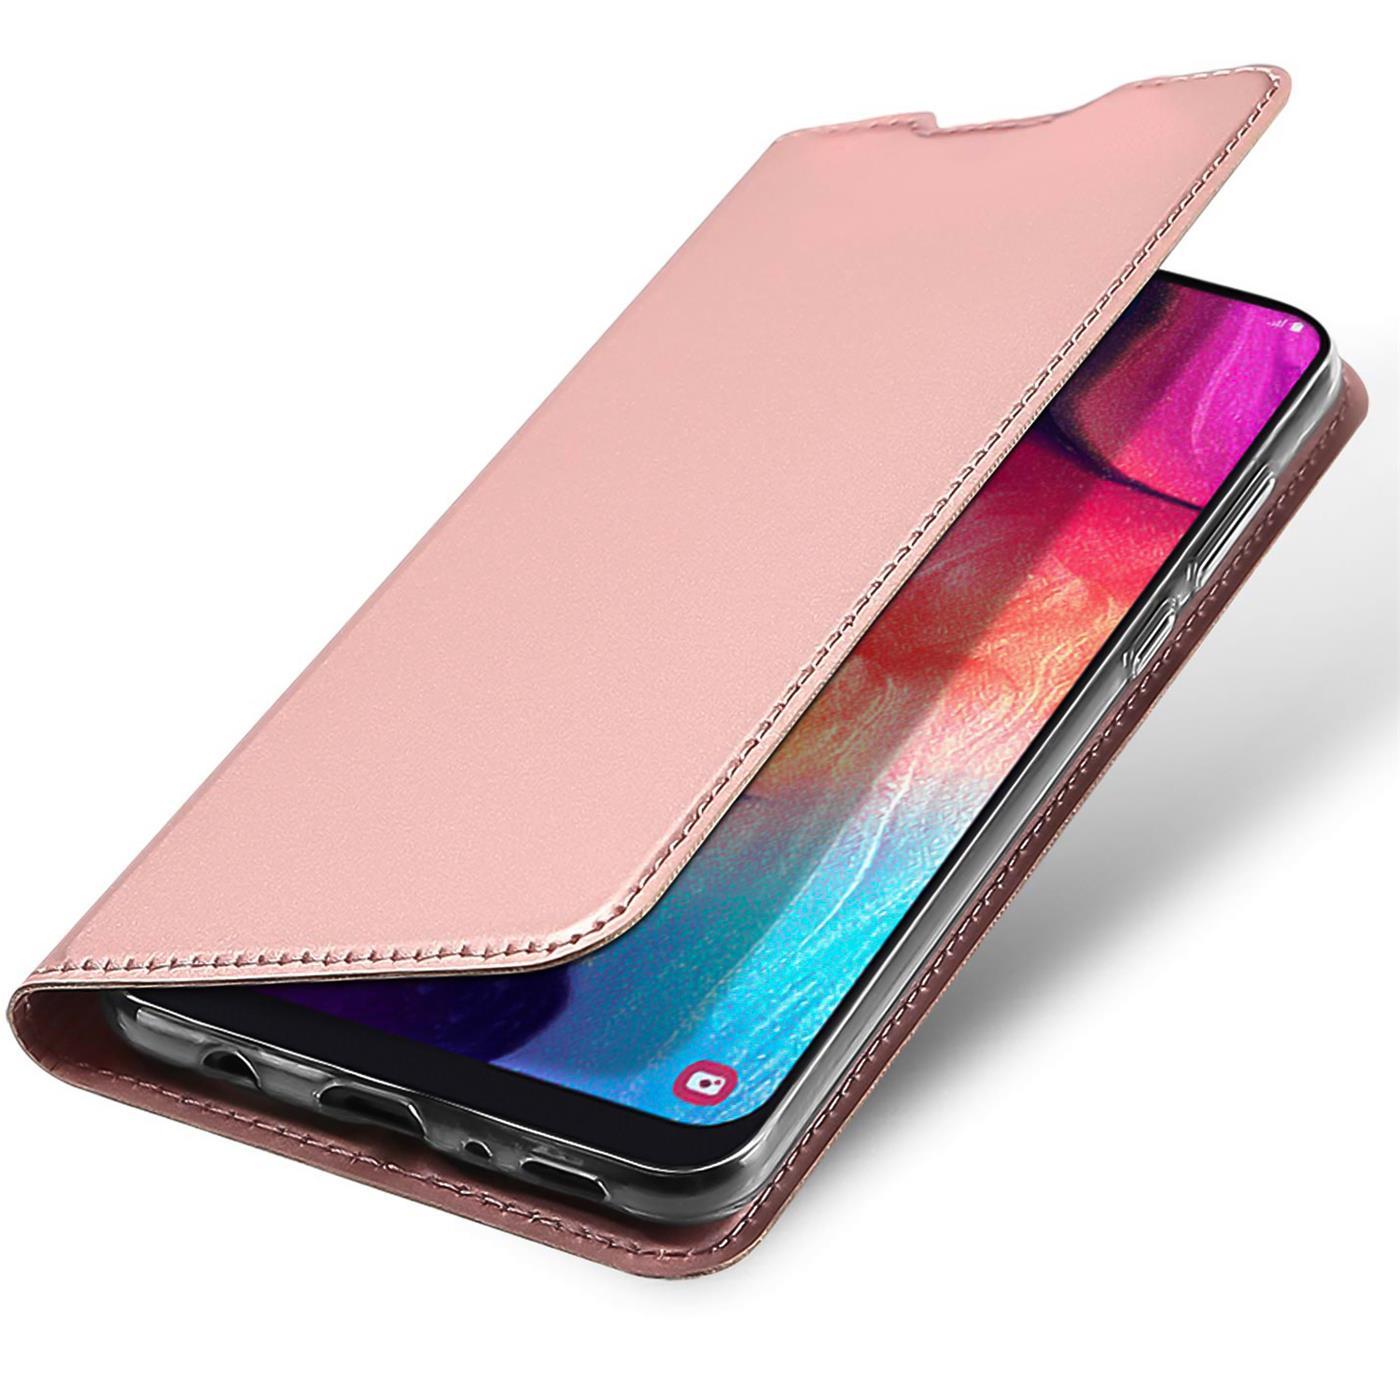 Samsung-Galaxy-A10-Handy-Schutz-Huelle-Tasche-Flip-Case-Klapphuelle-Schutzhuelle Indexbild 18